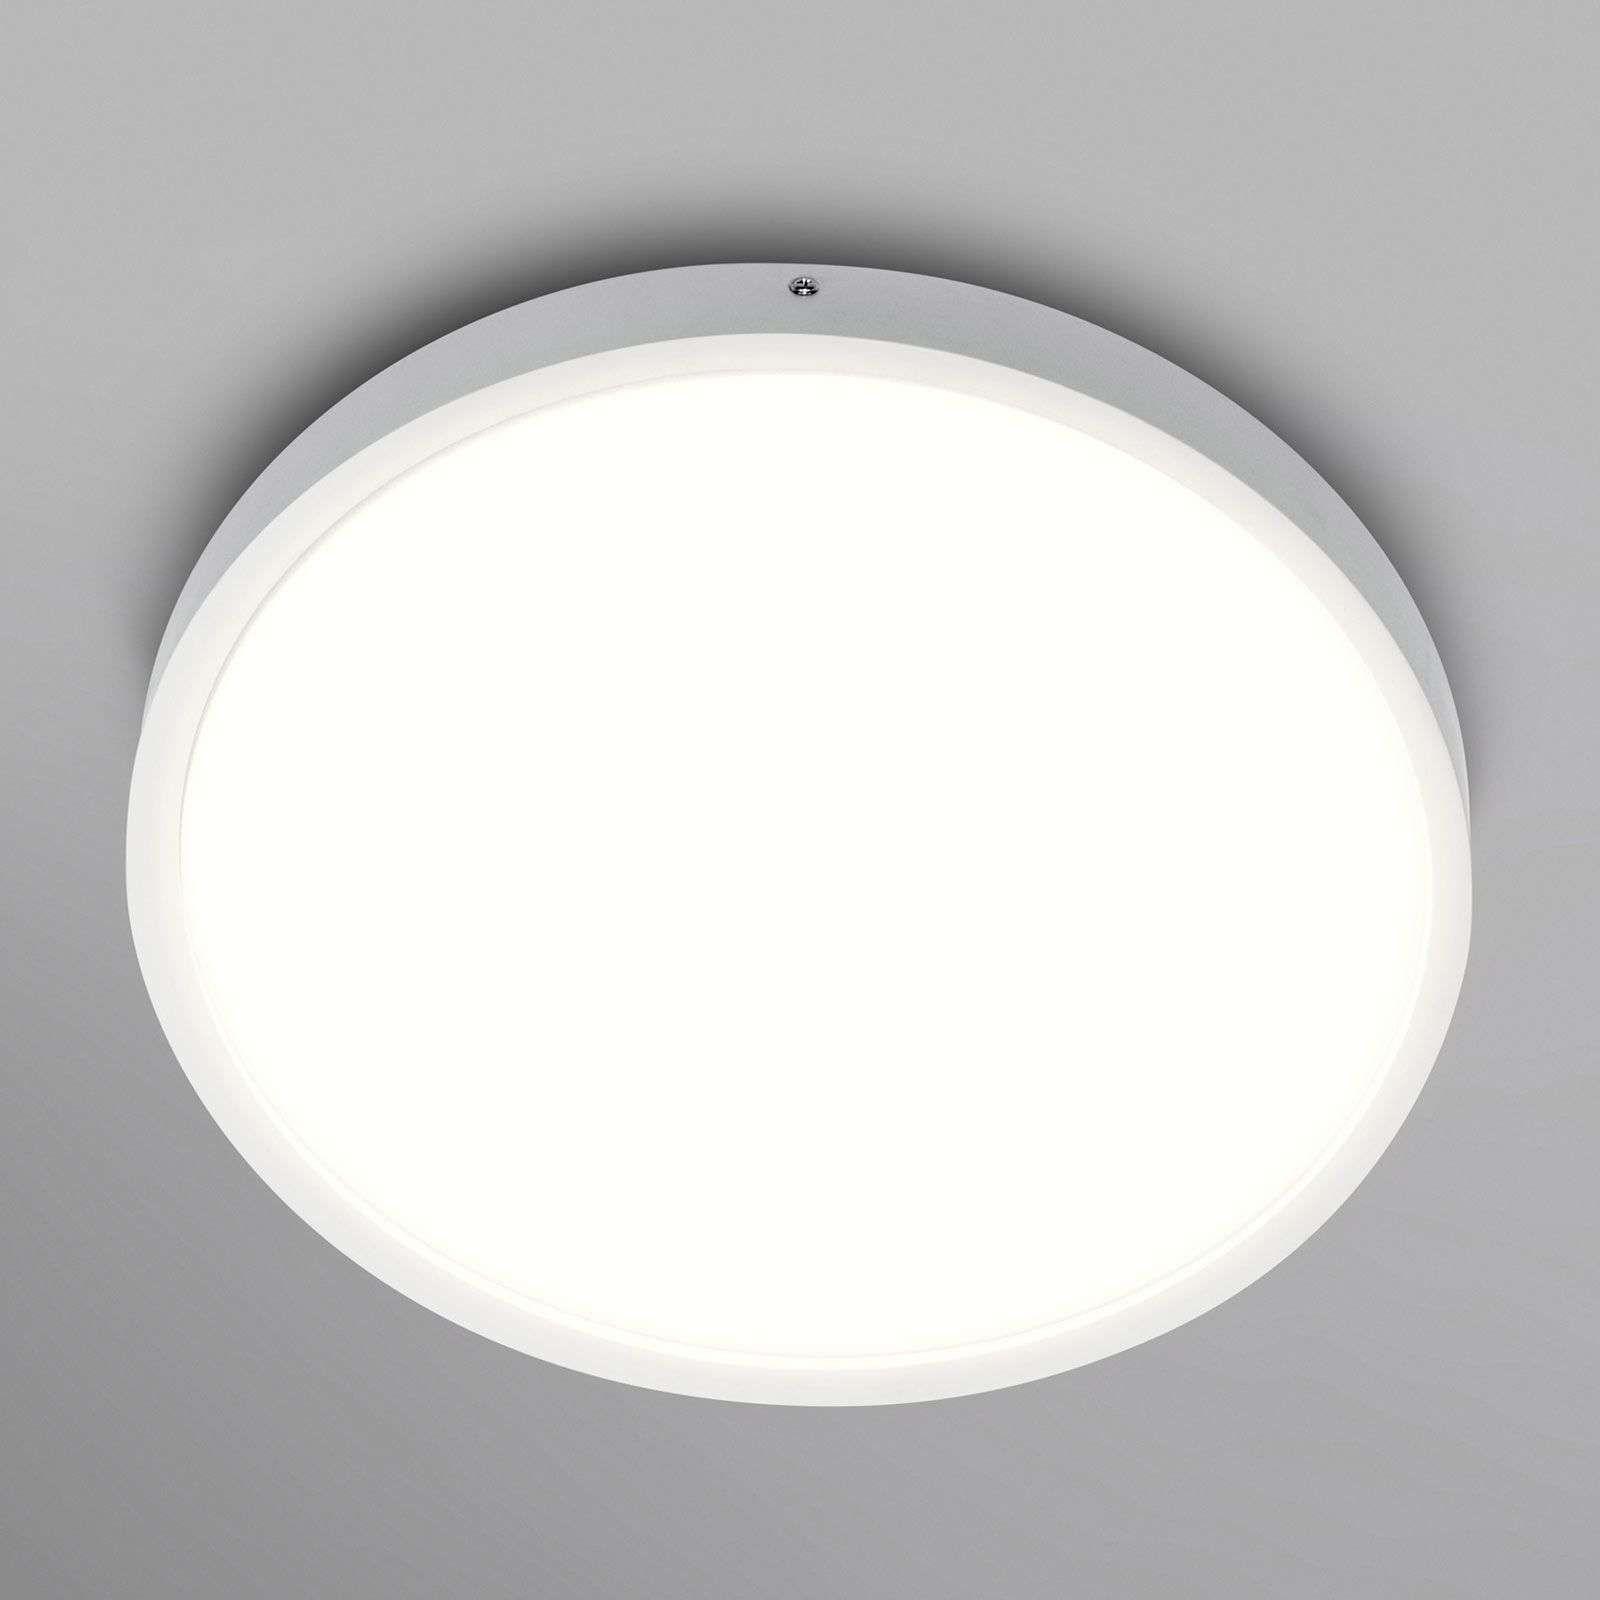 Moderne Deckenleuchte Planon Round von LEDVANCE Weiß | Led